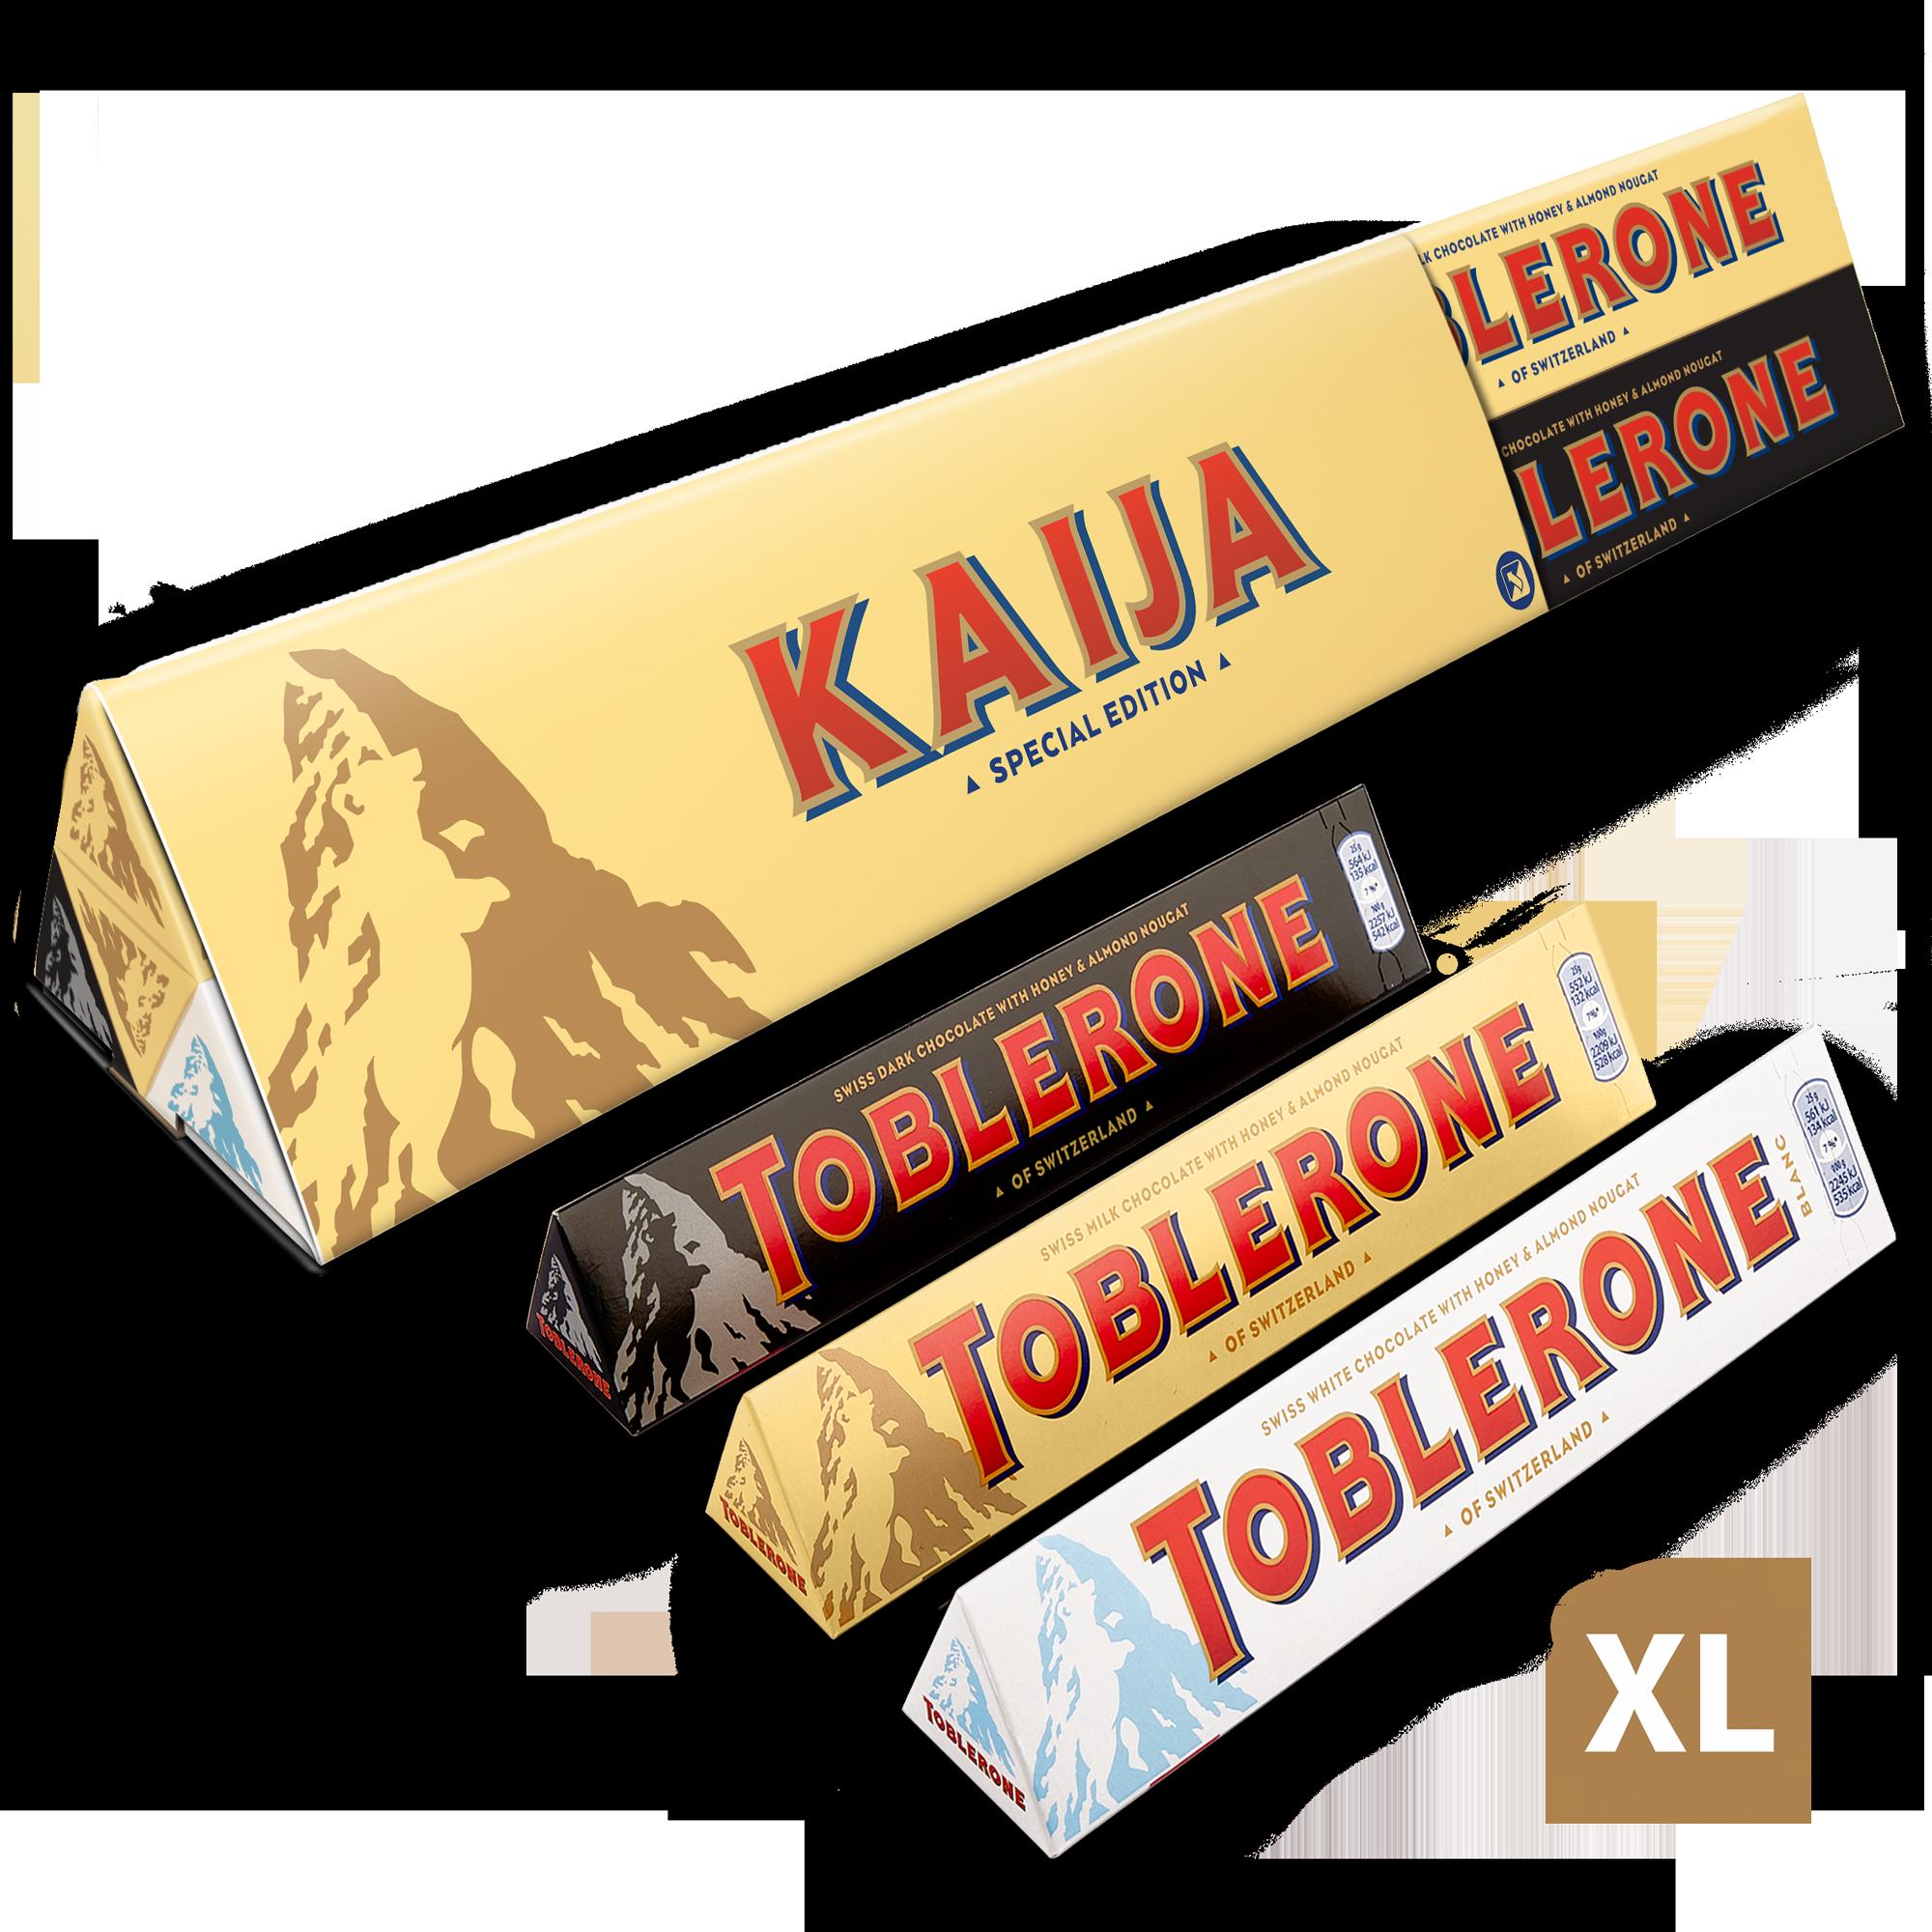 Toblerone-suklaalajitelma omalla nimellä - XL